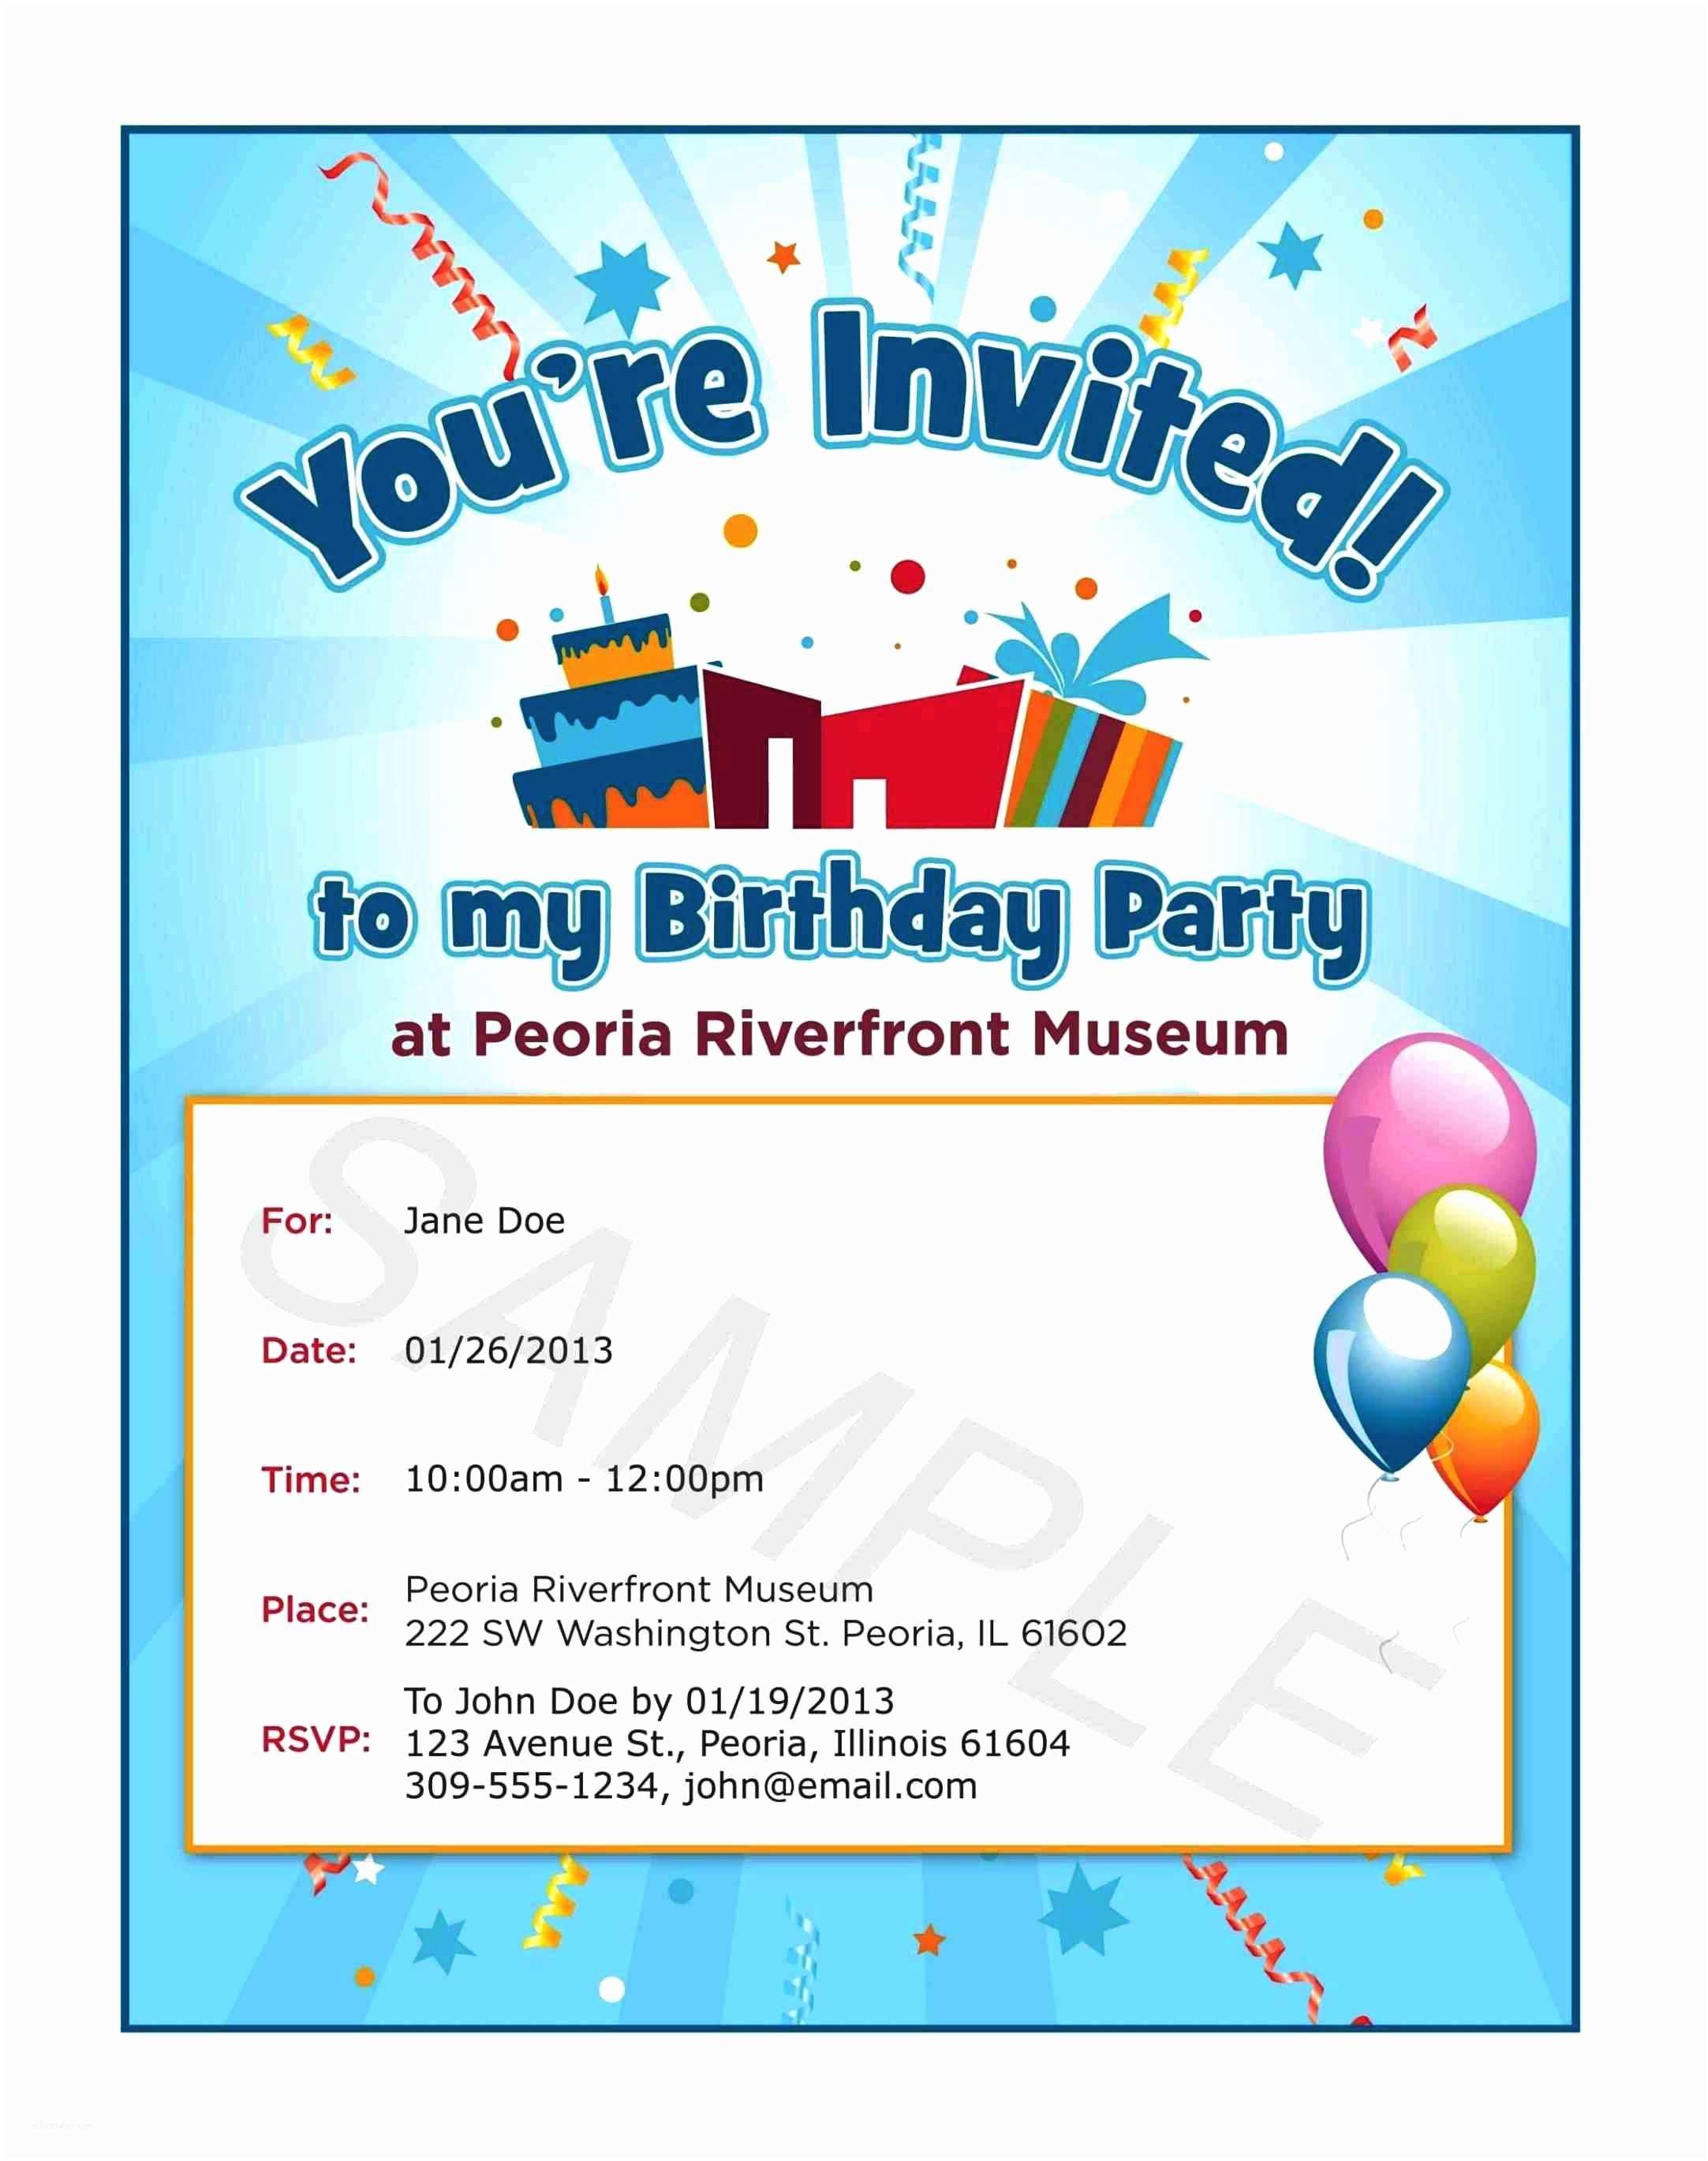 Birthday Party Invitation Text Text Invitation Birthday Party Invitation Librarry